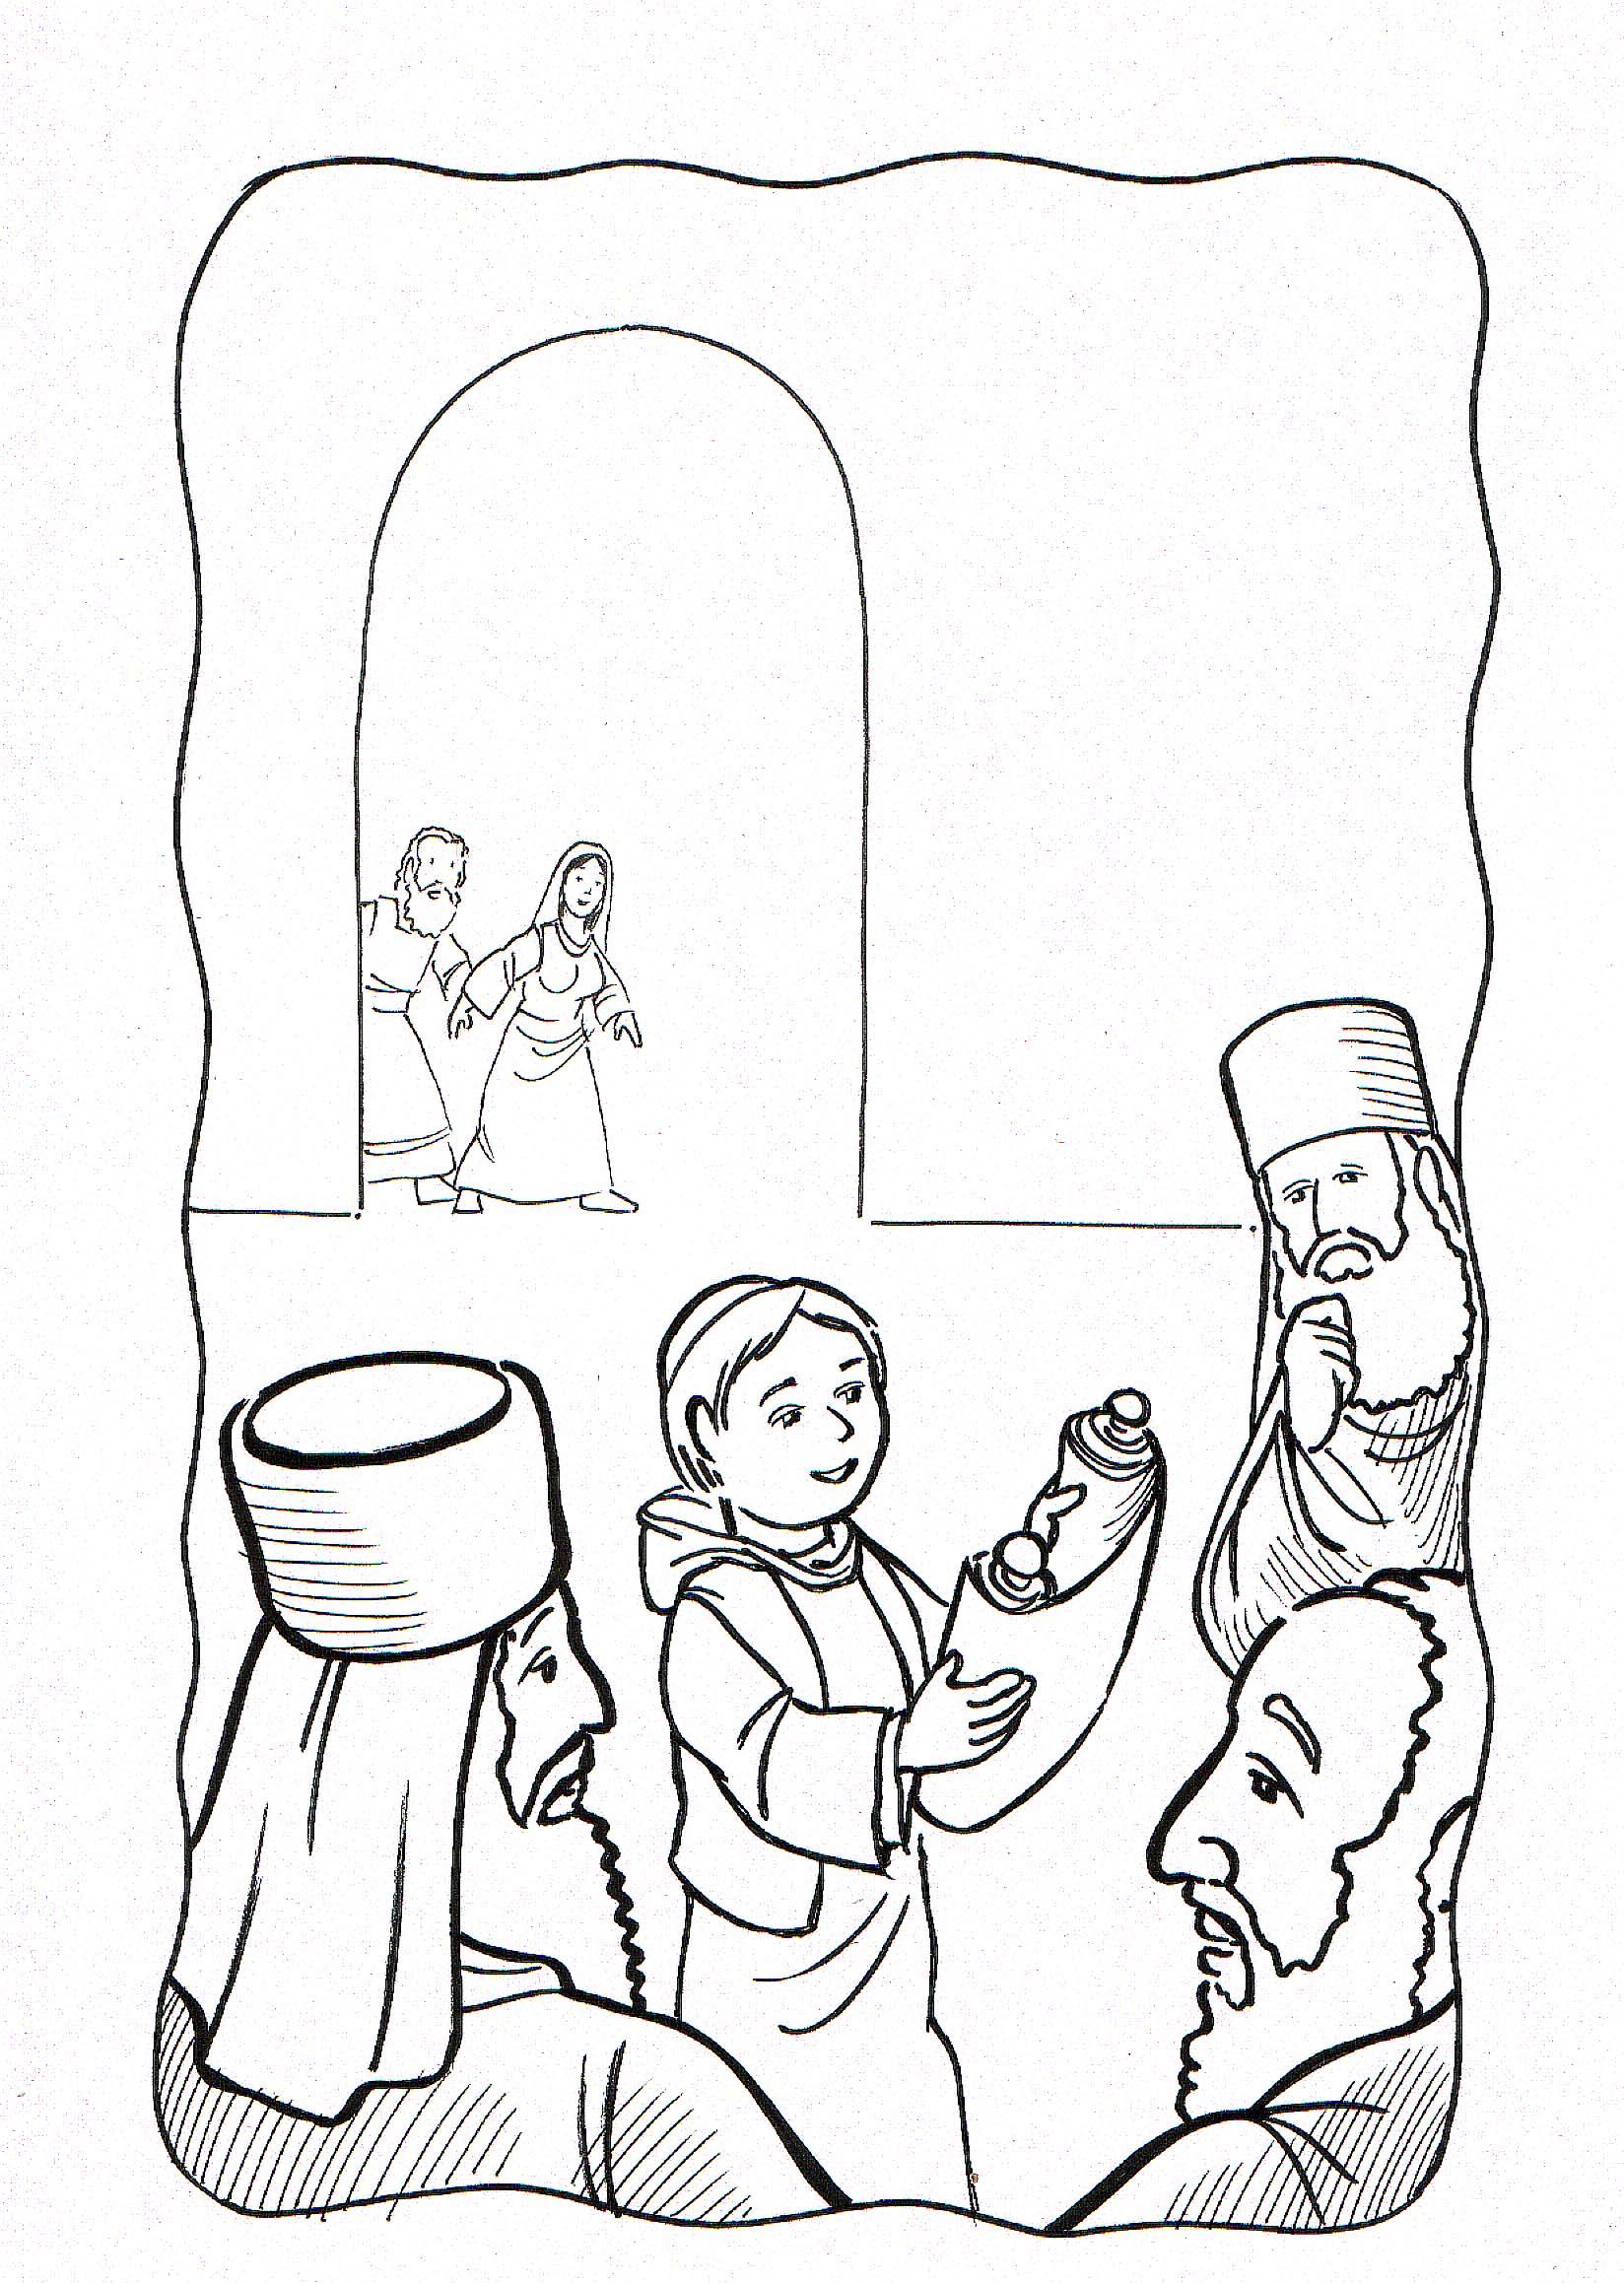 Dibujos para colorear cristianos del niño jesus en el templo - Imagui